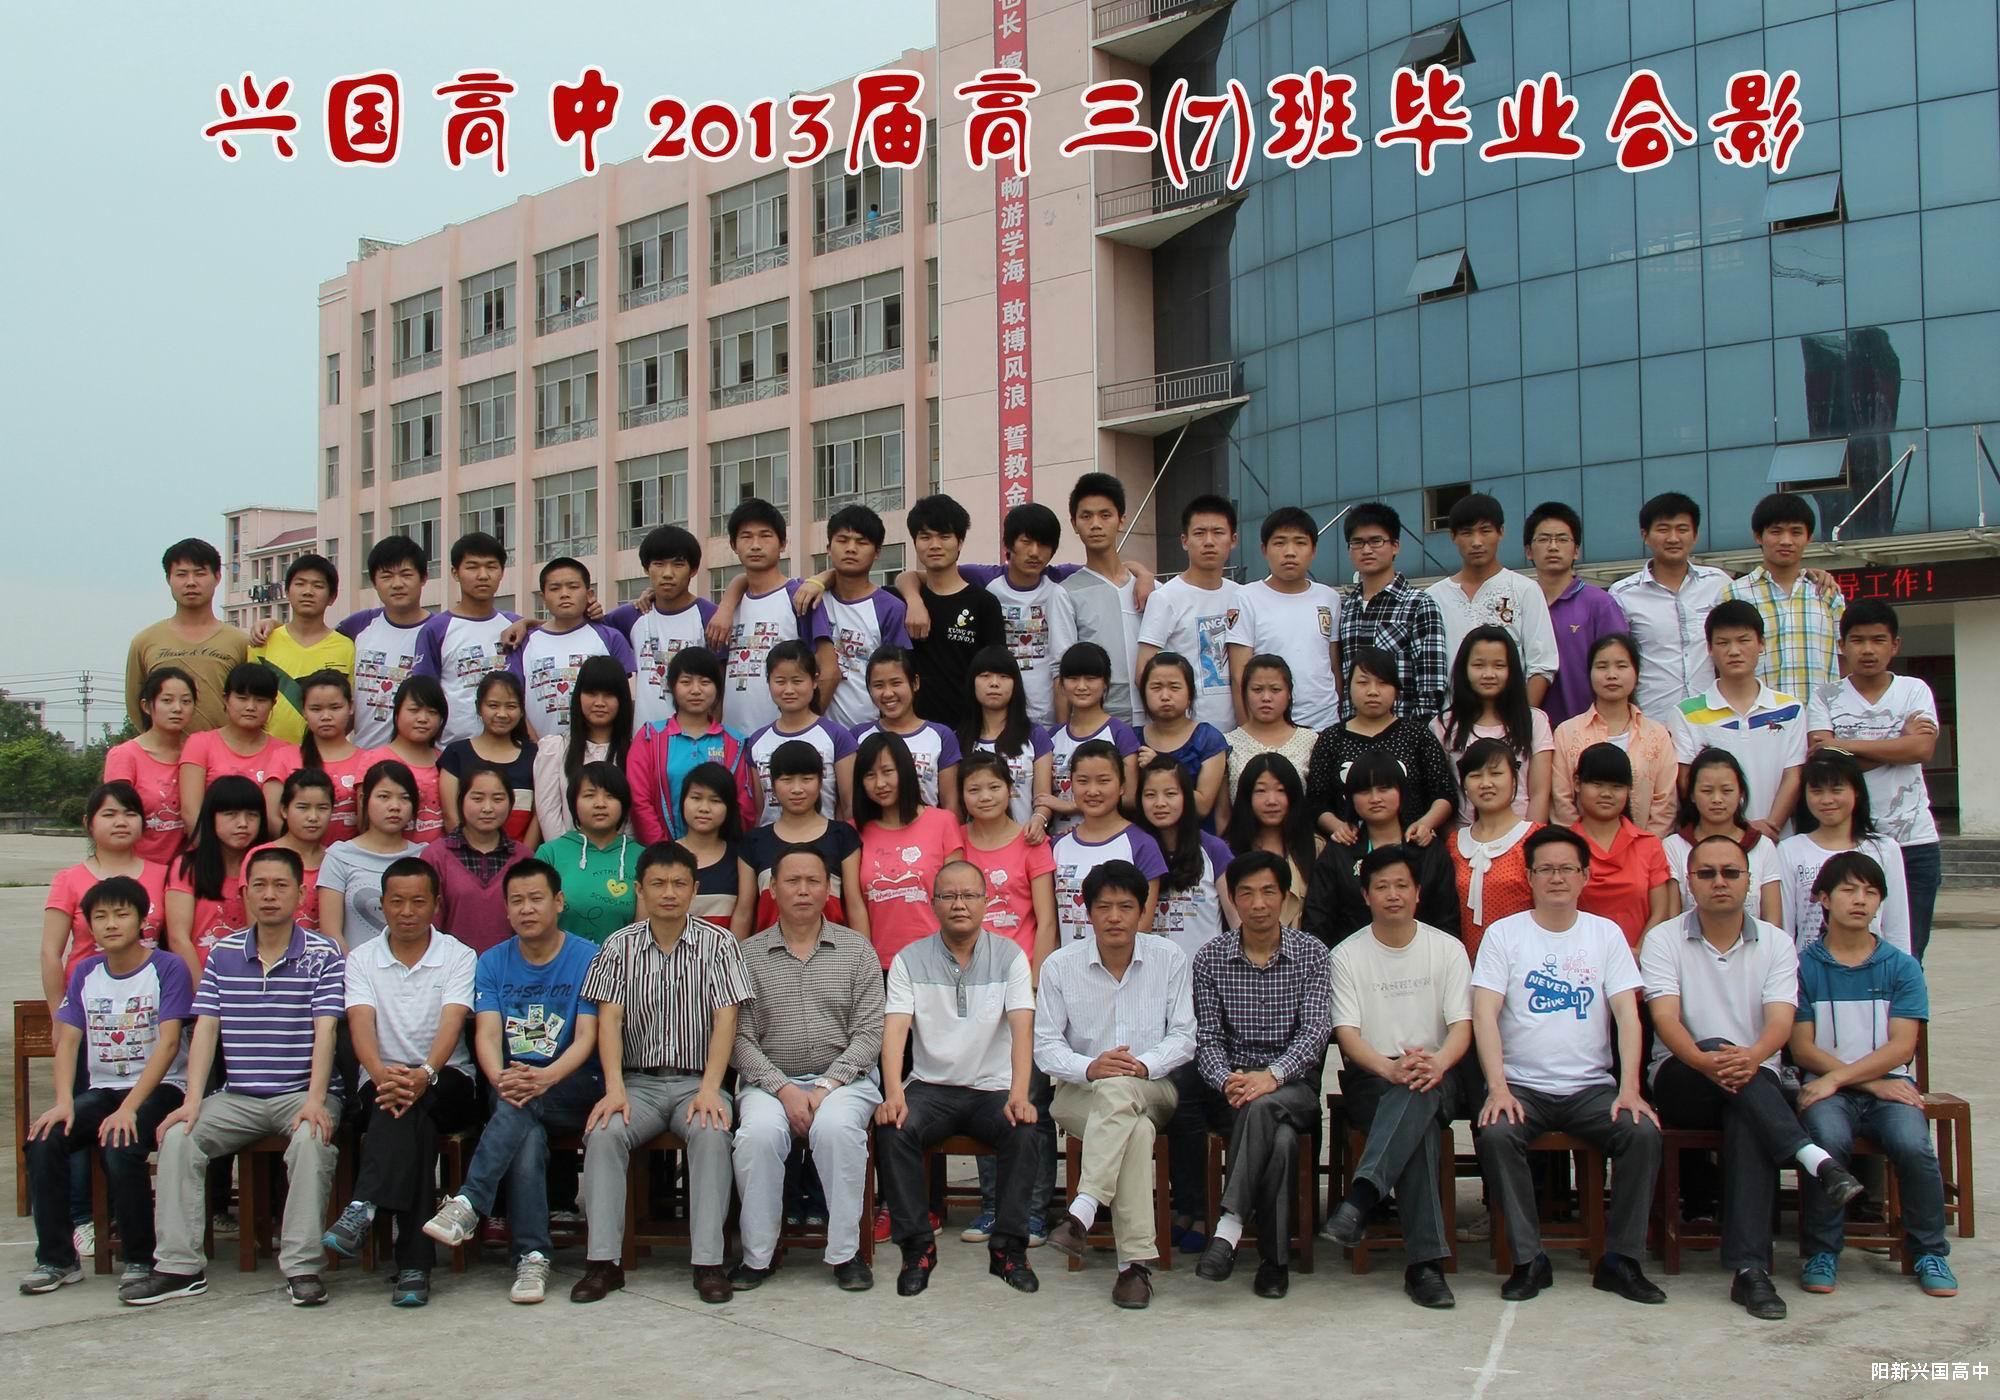 2013届三(7)班同学